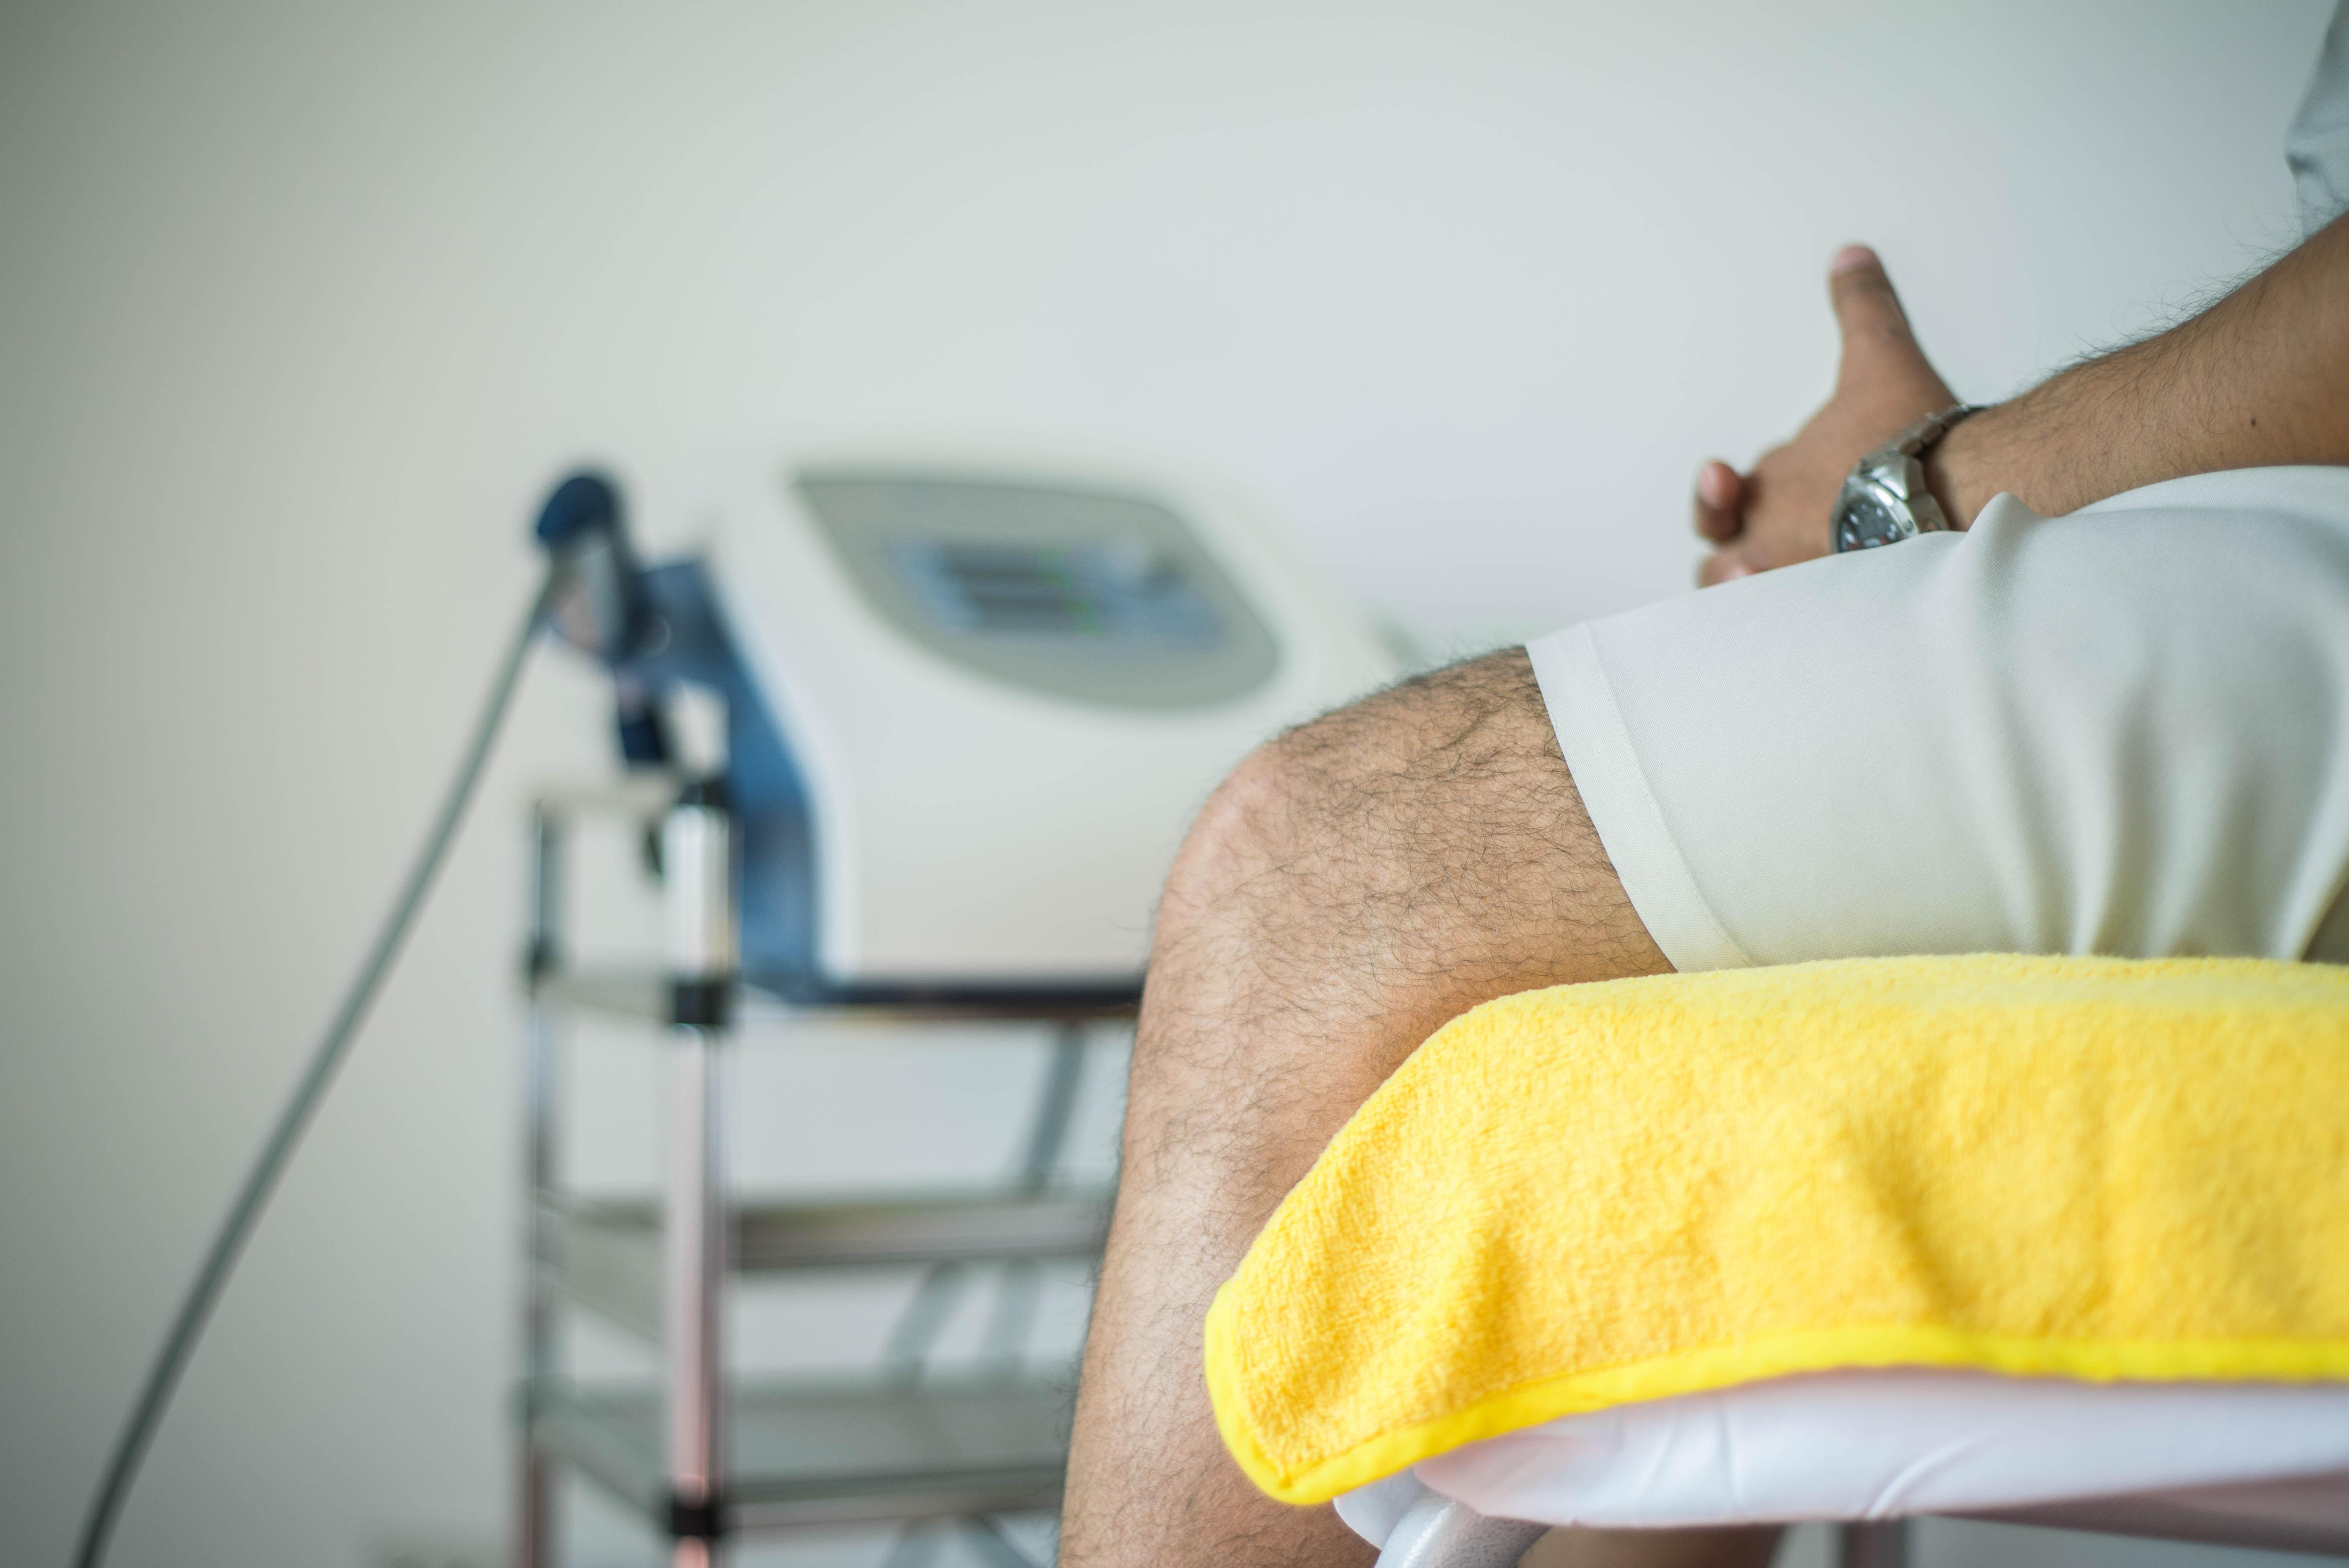 תרופה חדשה בדרך לחולי סרטן ושט מסוג SCC גרורתיים שלב 4 ולחולים שמחלתם מתקדמת